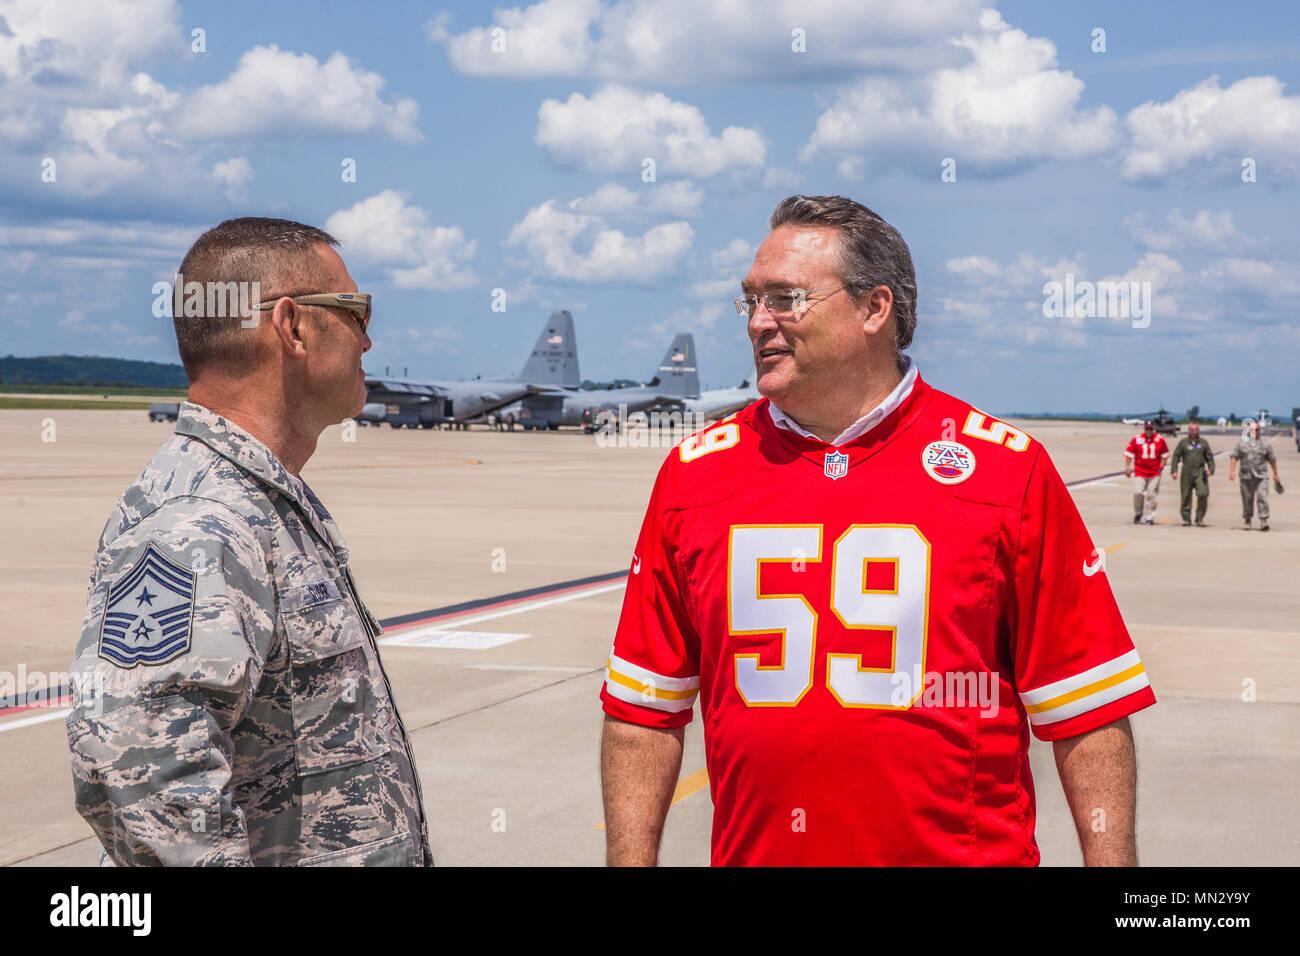 Gary Spani (rechts), ein pensionierter Kansas City Chiefs NFL Spieler Gespräche mit Chief Master Sgt. Joseph Sluder, command Chief Master Sergeant, Missouri Air National Guard, während einer Tour von Rosecrans Air National Guard Base, St. Joseph, Mo Aug 15, 2017. Der Besuch war Teil von einem McDonald's Restaurant Herz Amerikas Co-Op 15-Tour für lokale Wohltätigkeitsorganisationen. Pensionierter Leiter Spieler Tony Adams und Gary Spani waren anwesend, sowie aktuelle Cheerleadern des Teams. (U.S. Air National Guard Foto: Staff Sgt. Patrick Evenson) Stockbild